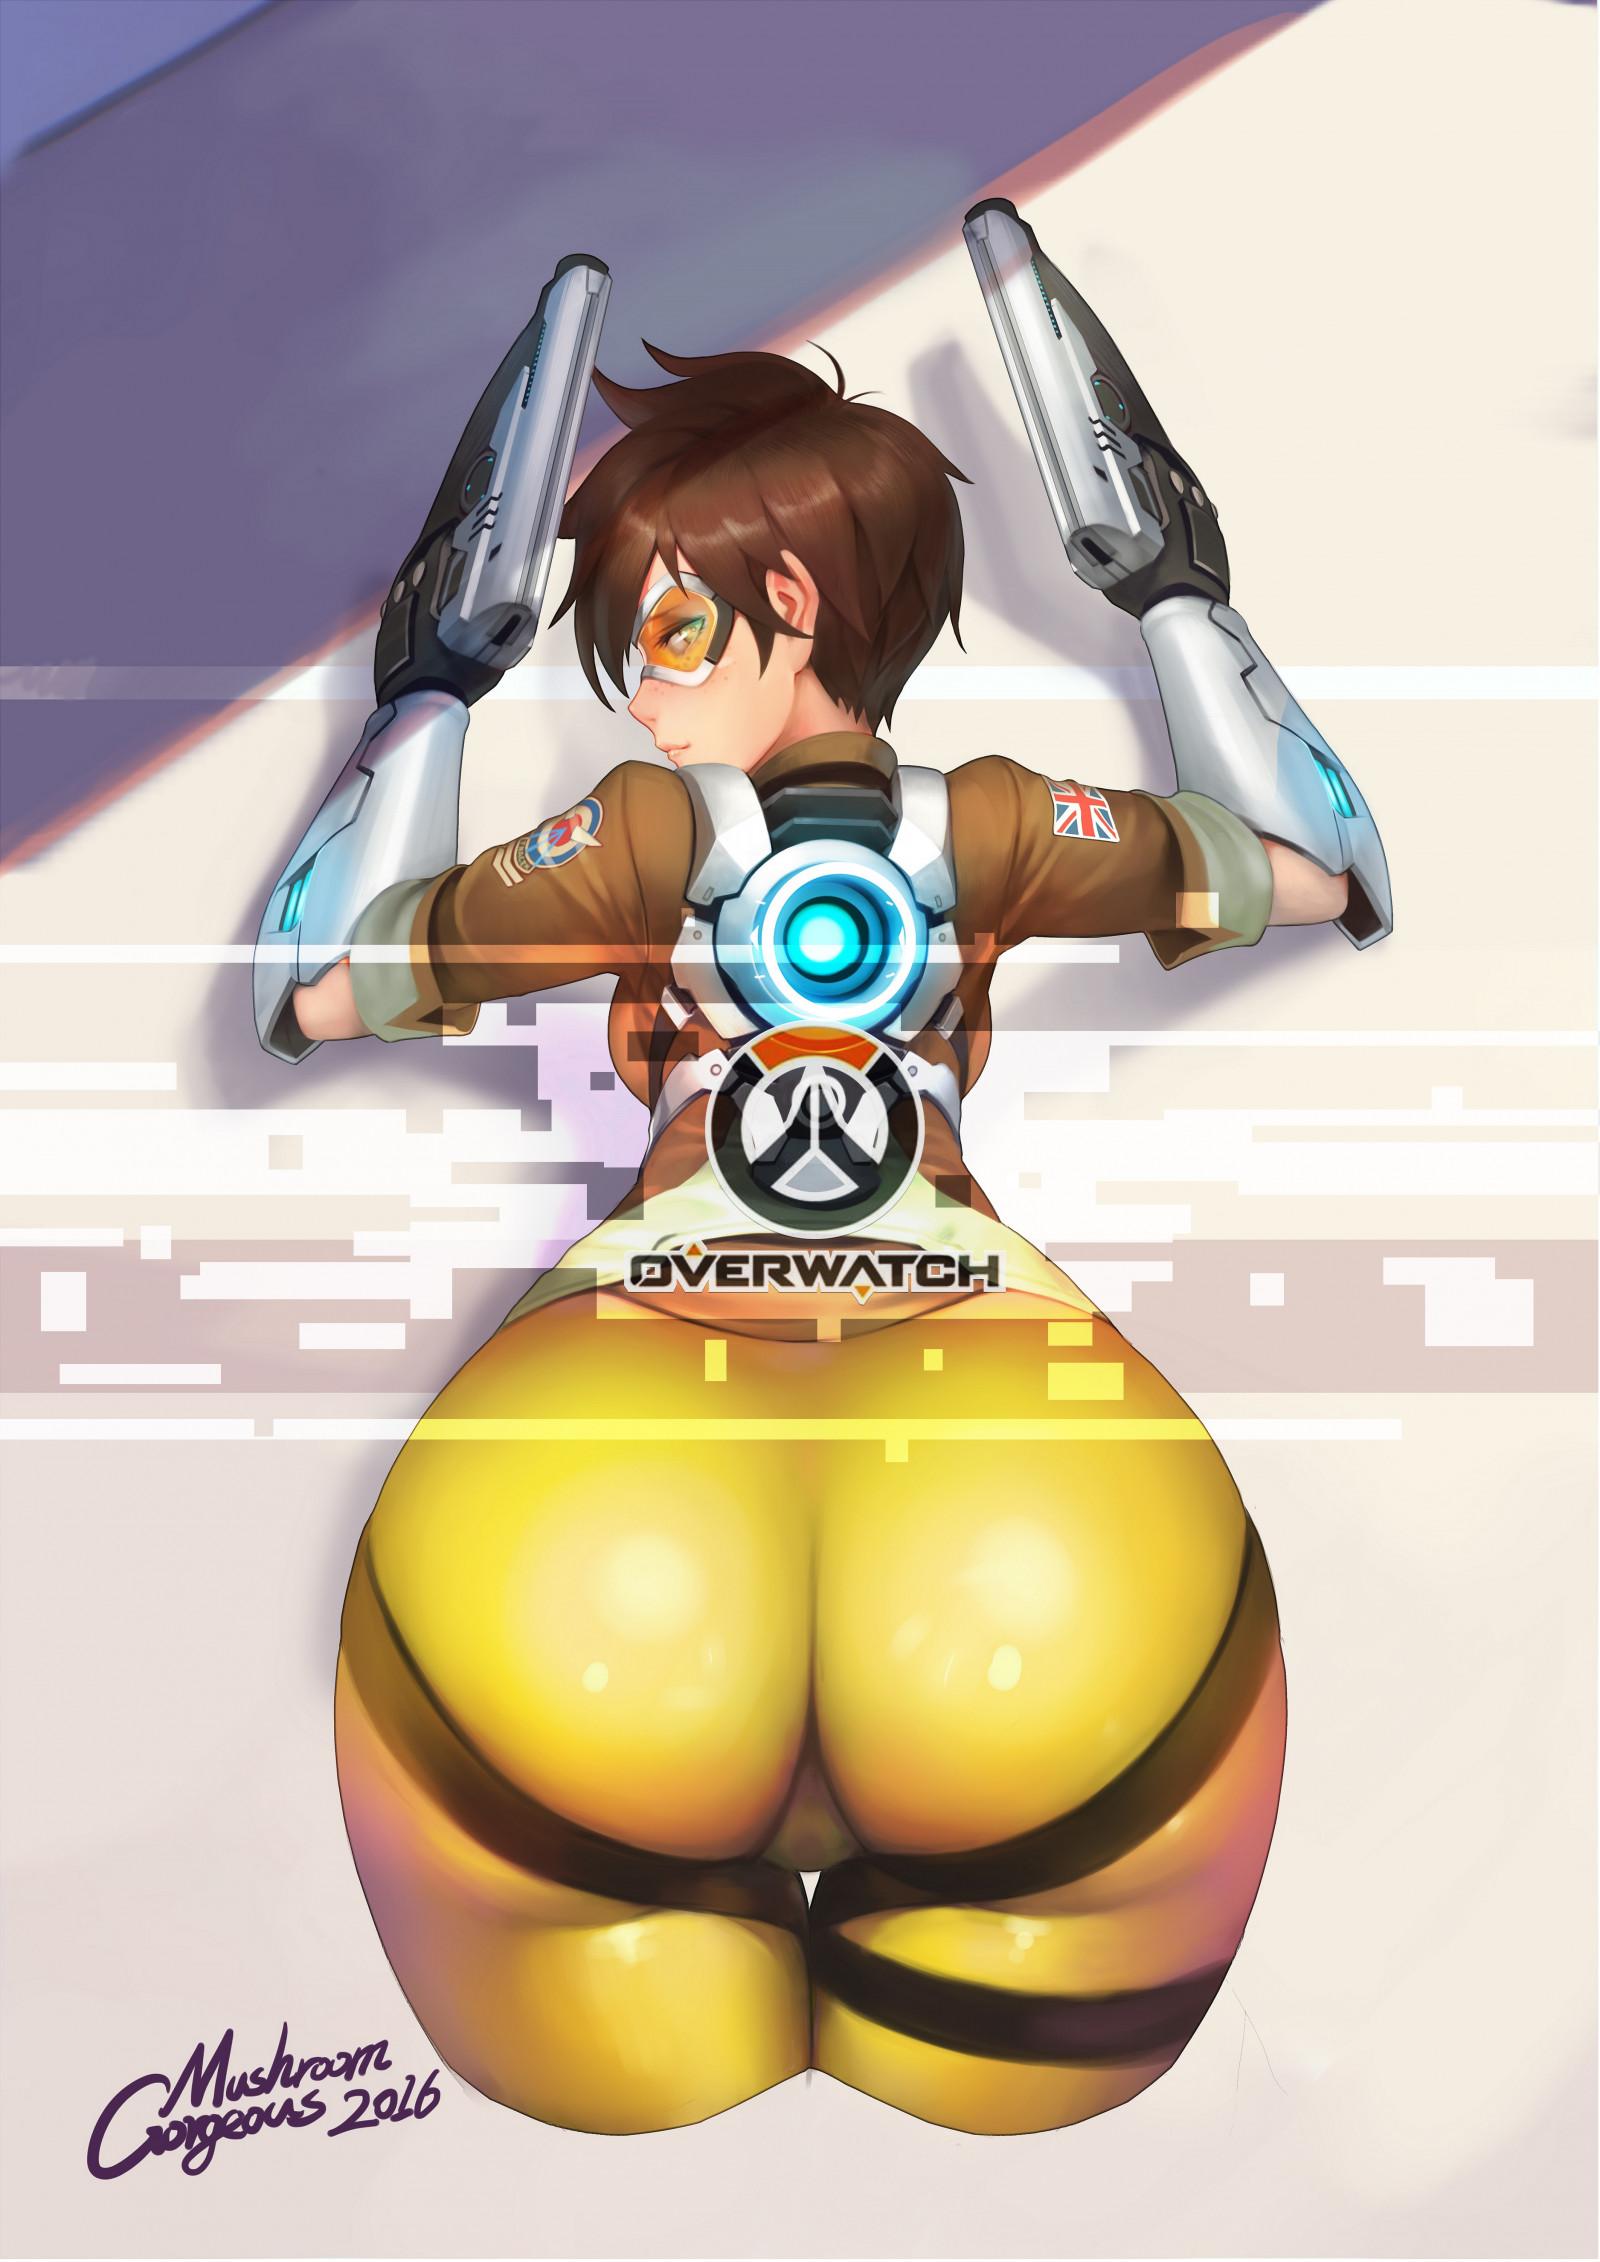 Overwatch tracer ass